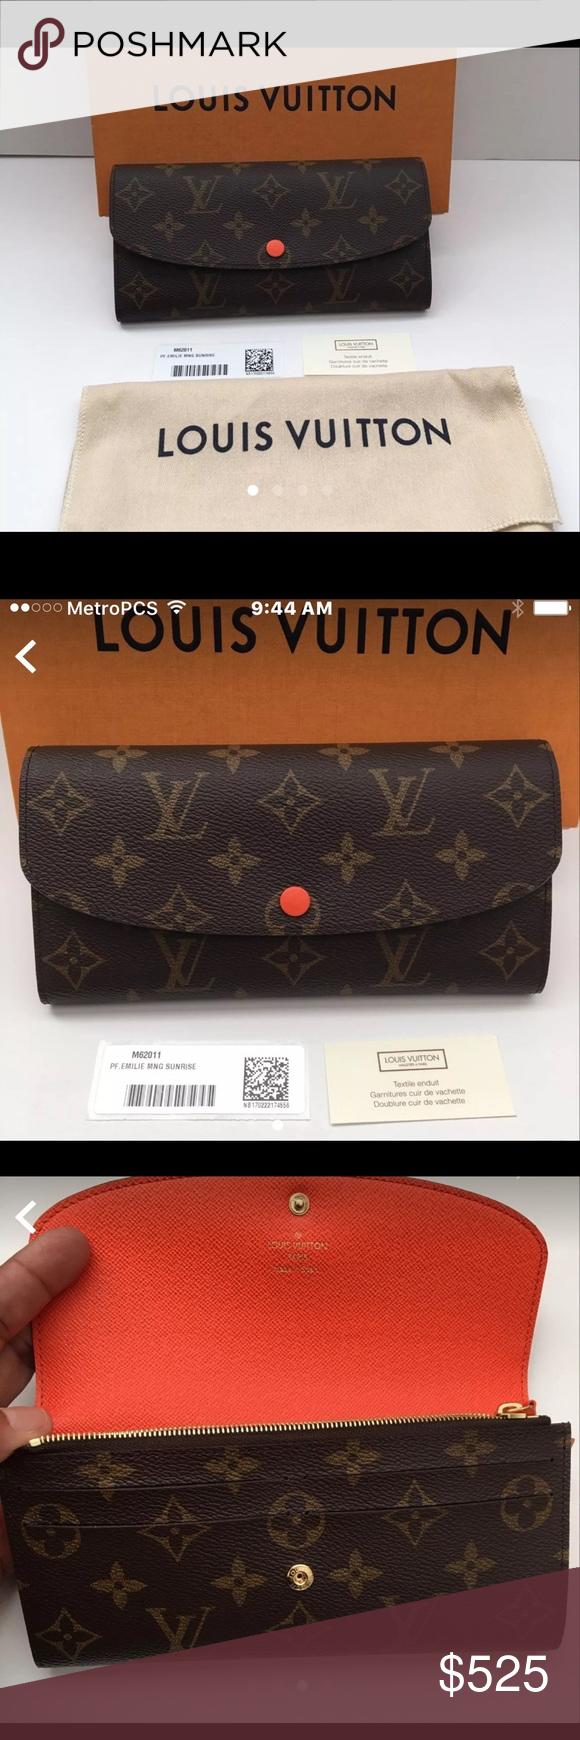 794be6e50da8 Louis Vuitton Emilie Wallet-Authentic New with Box